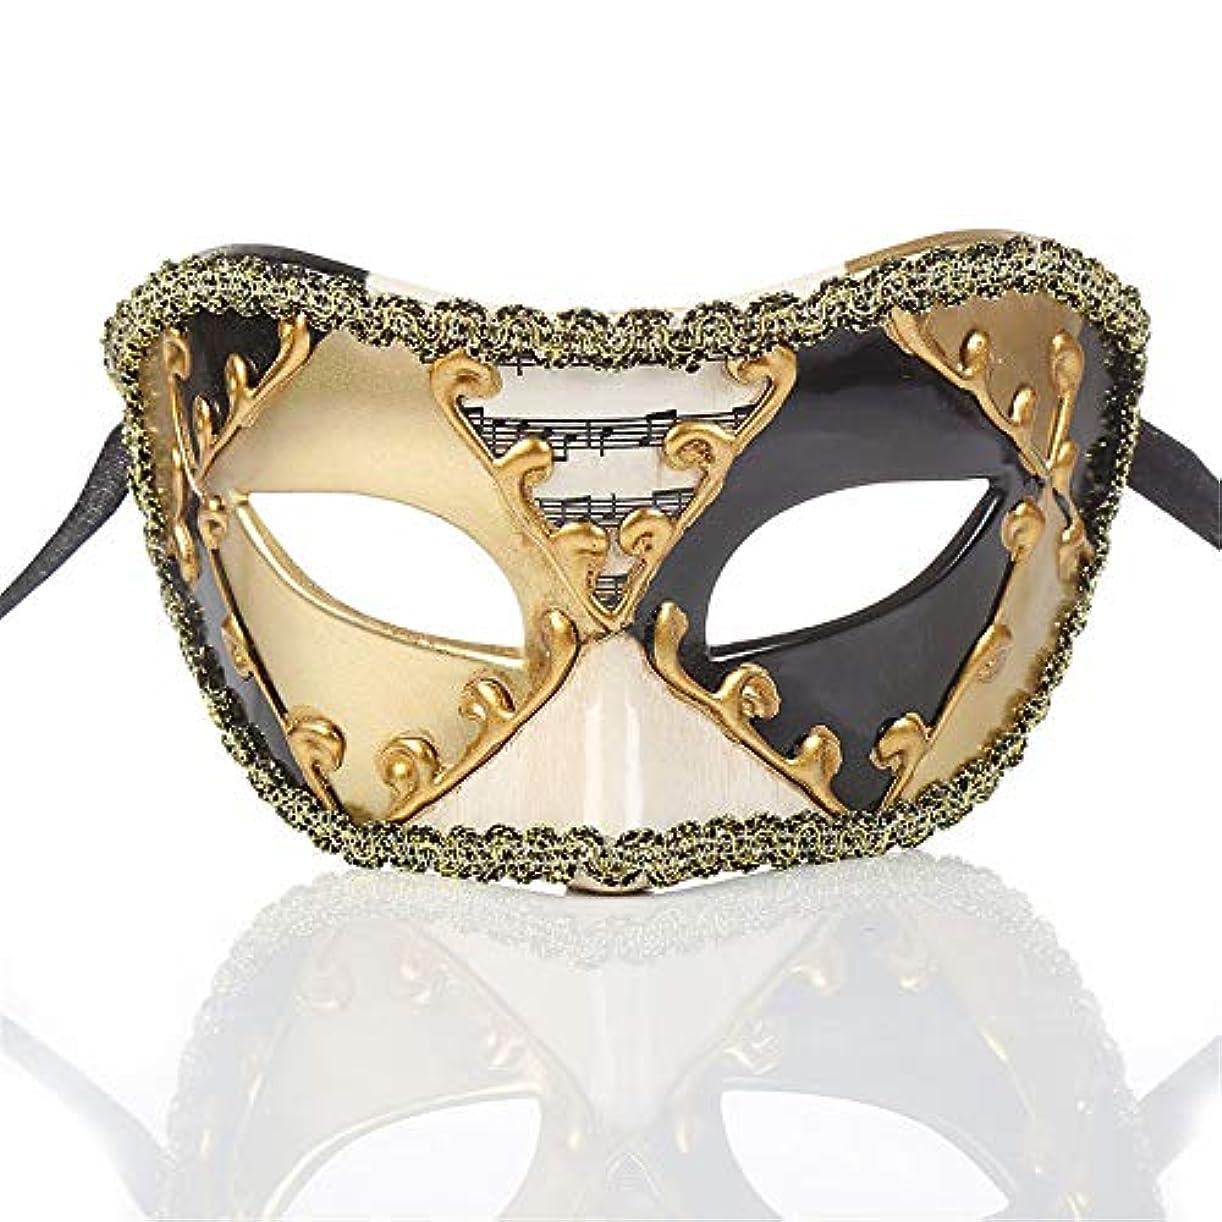 メーター哲学者曲げるダンスマスク ヴィンテージクラシックハーフフェイスクラウンミュージカルノート装飾マスクフェスティバルロールプレイングプラスチックマスク ホリデーパーティー用品 (色 : ブラック, サイズ : 16.5x8cm)